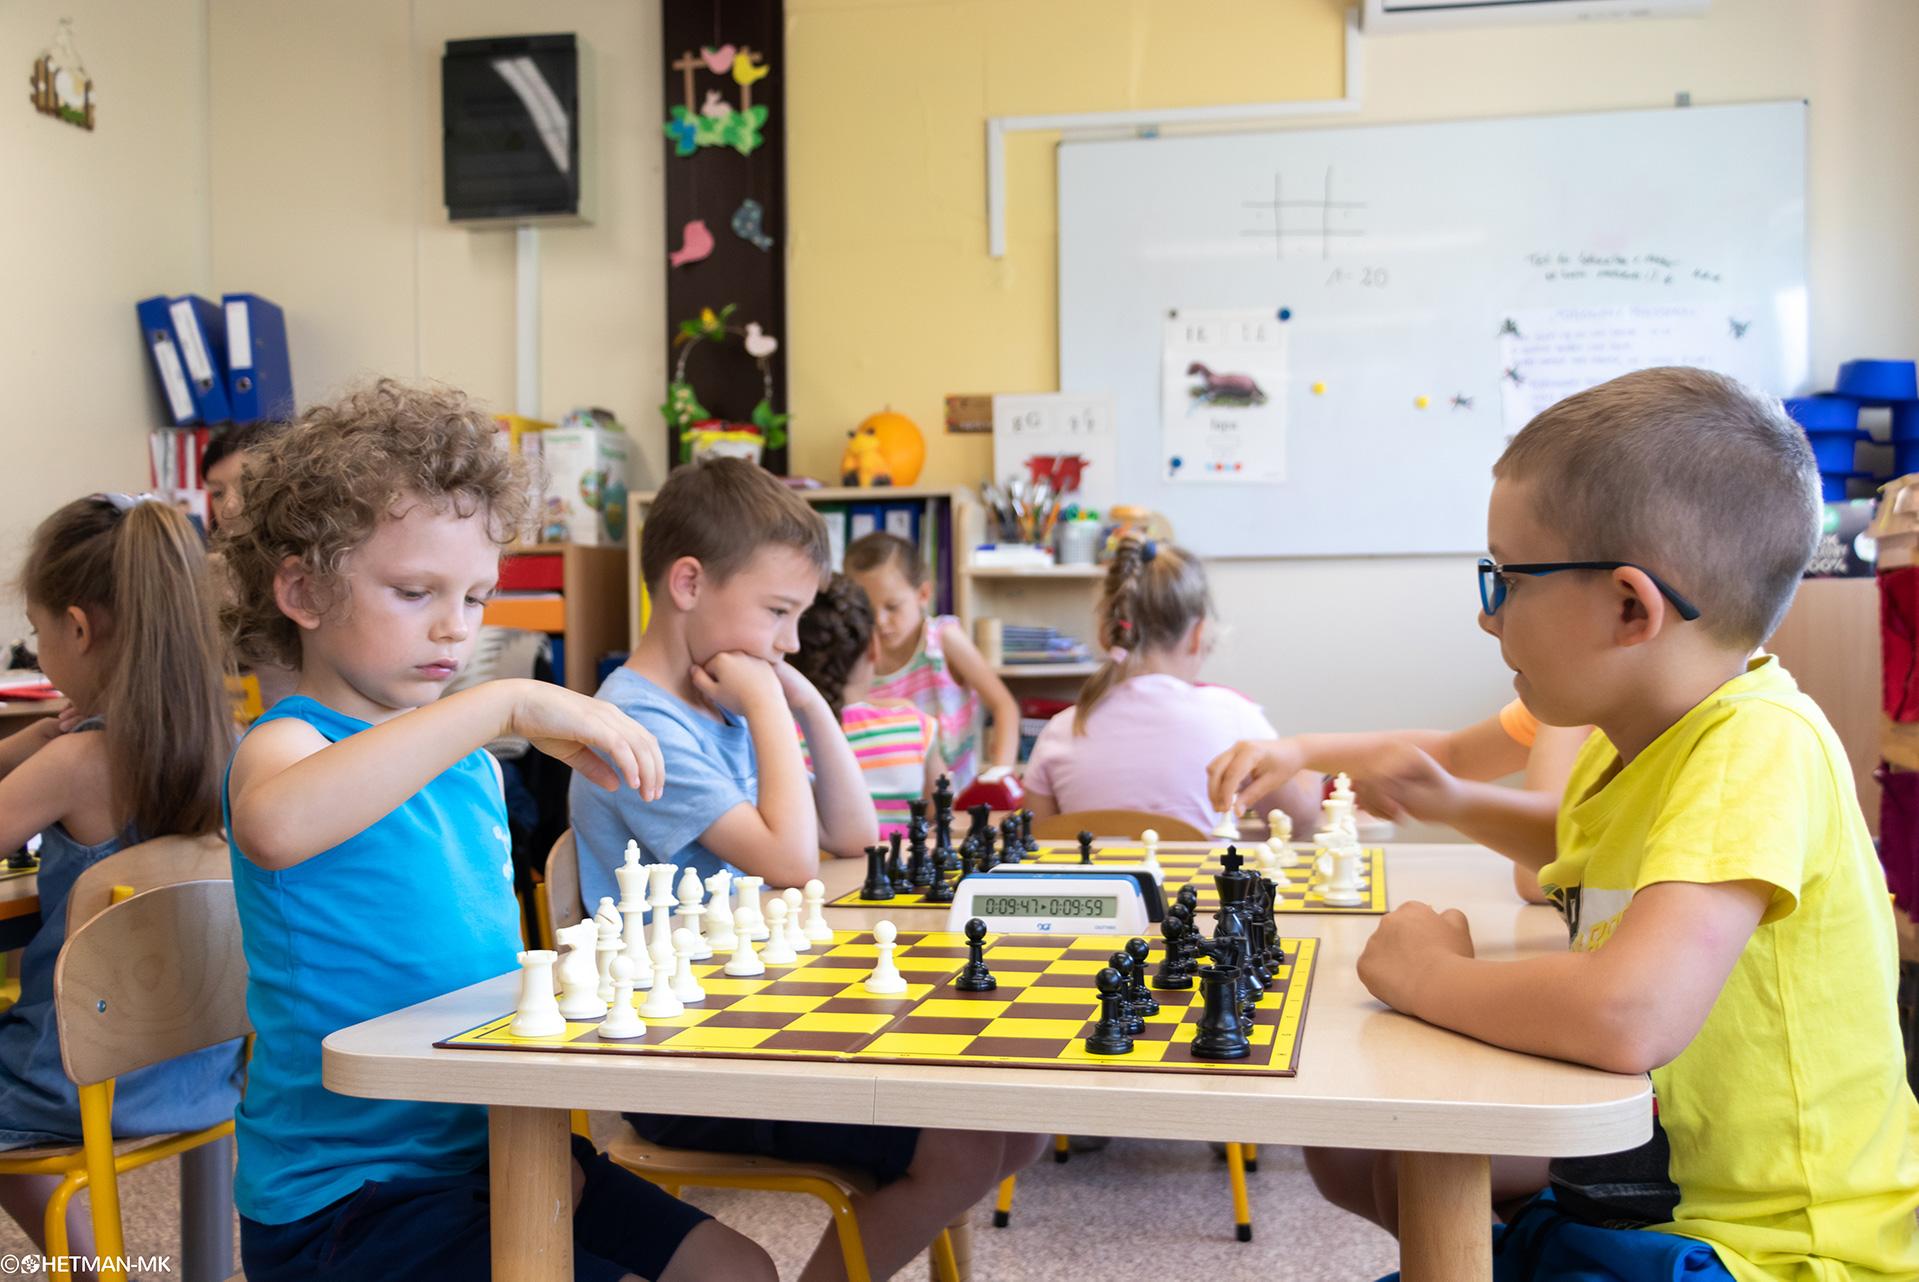 VII Szachowe Mistrzostwa Przedszkola Frajda, Świdnica, 05.06.2019